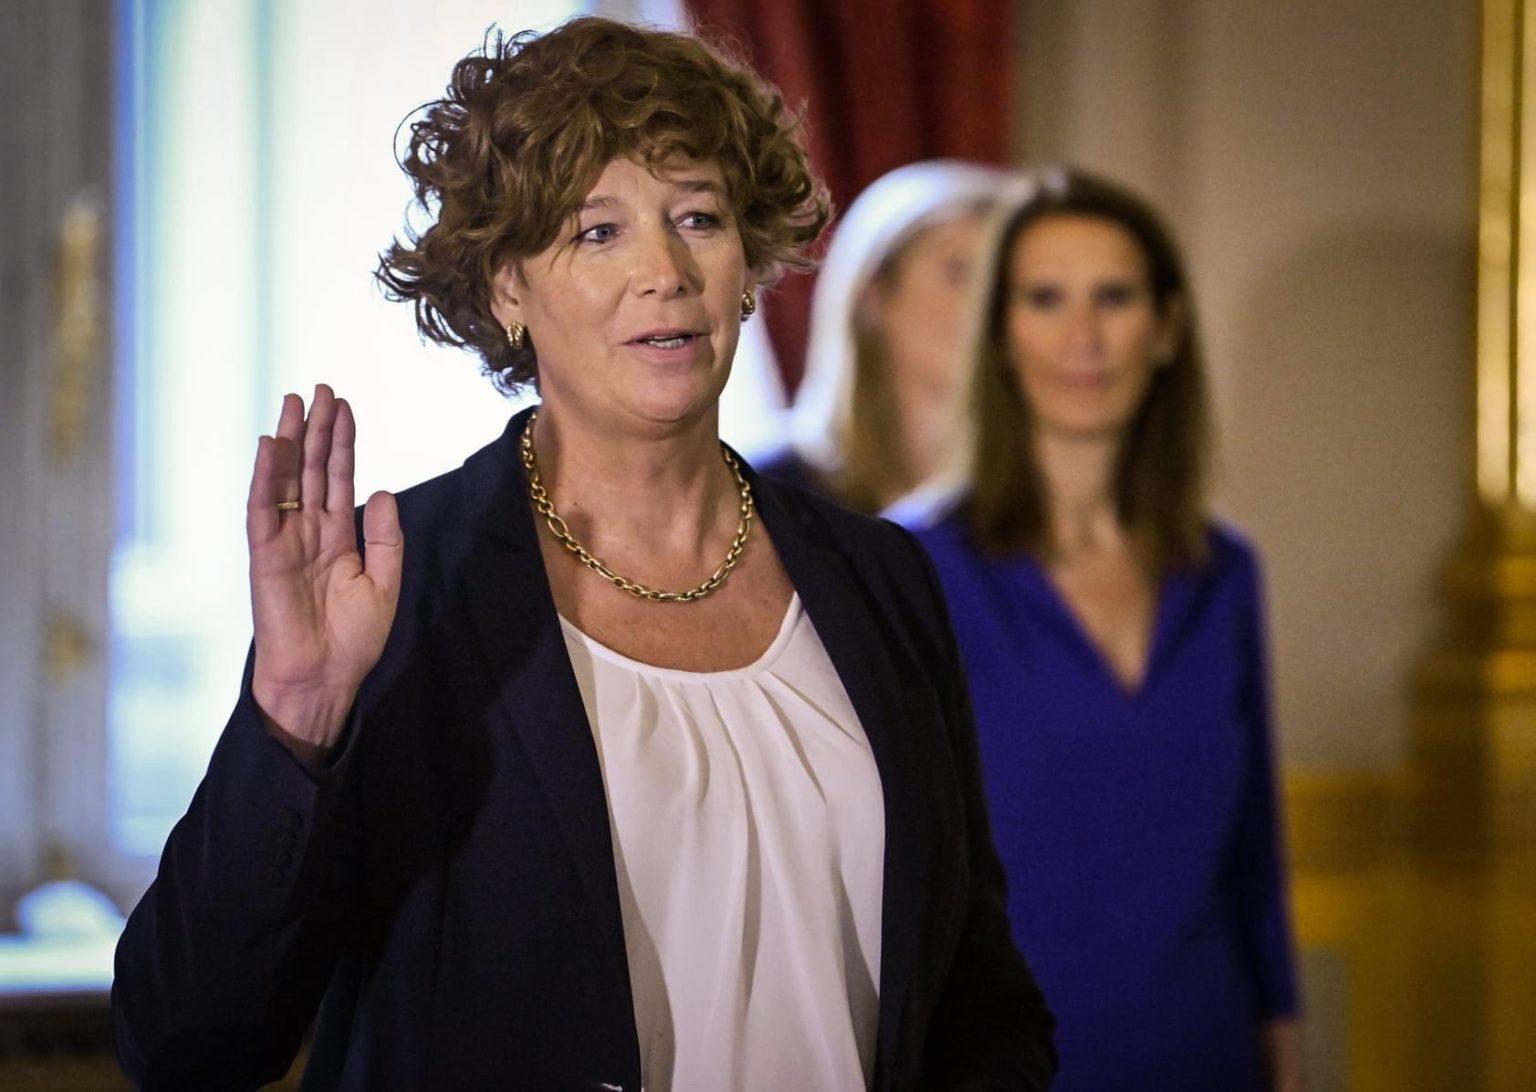 Впервые в ЕС вице-премьером правительства Бельгии утвердили трансгендера